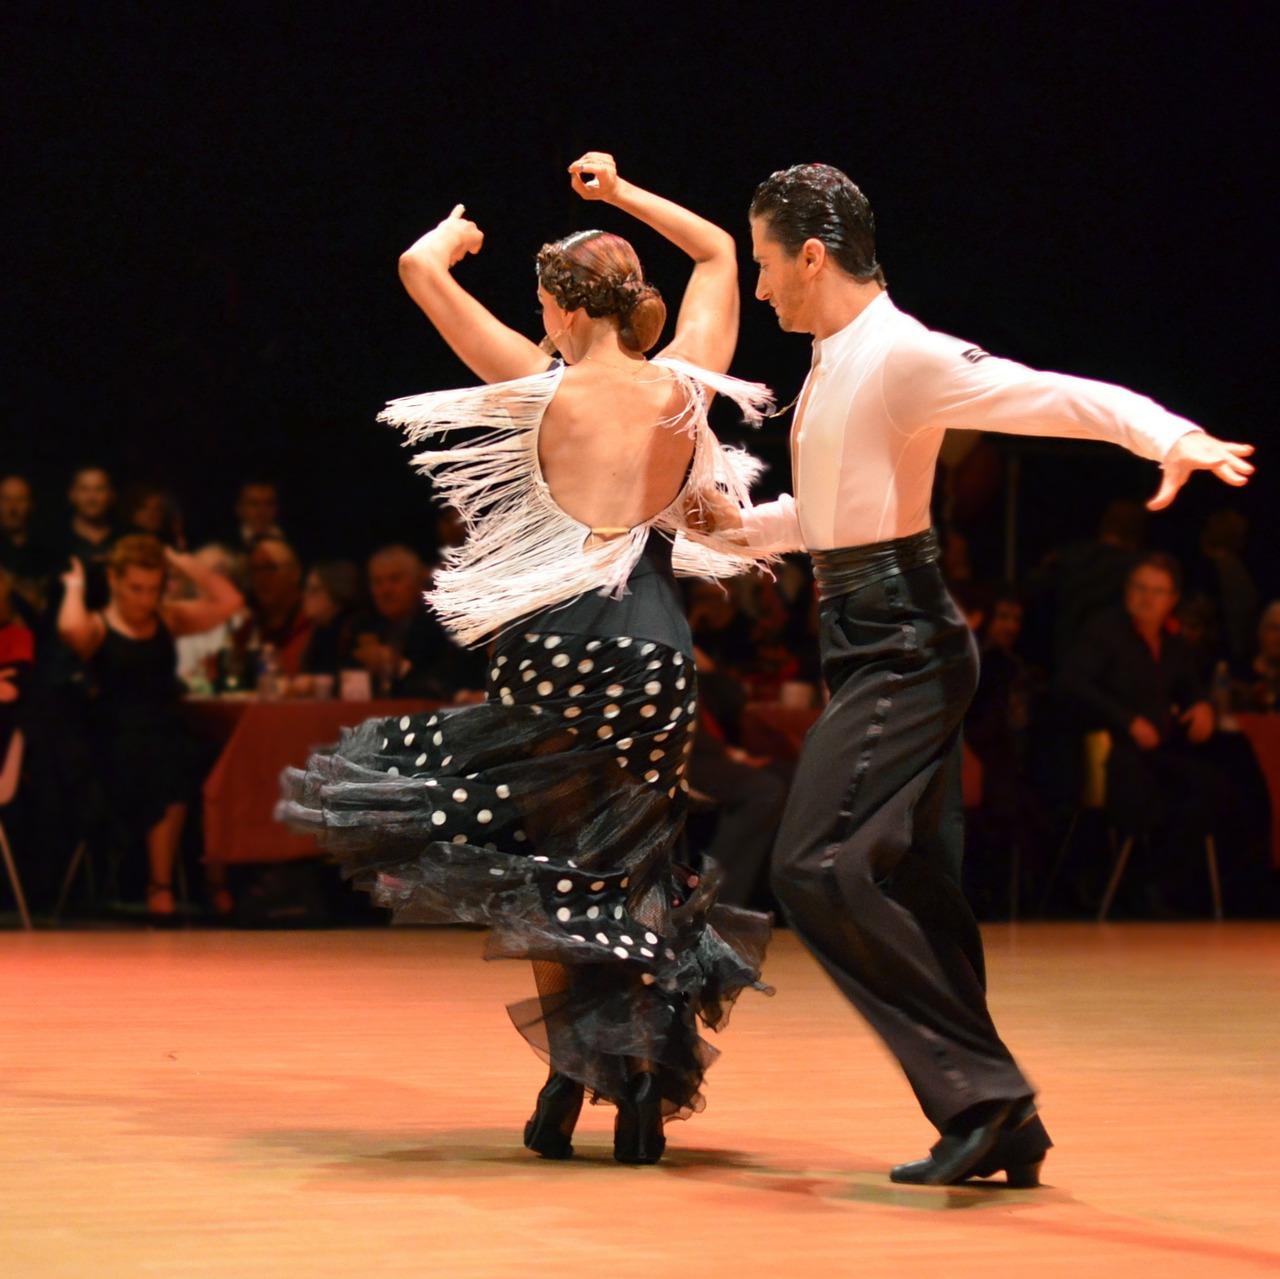 Dance 2088280 1280